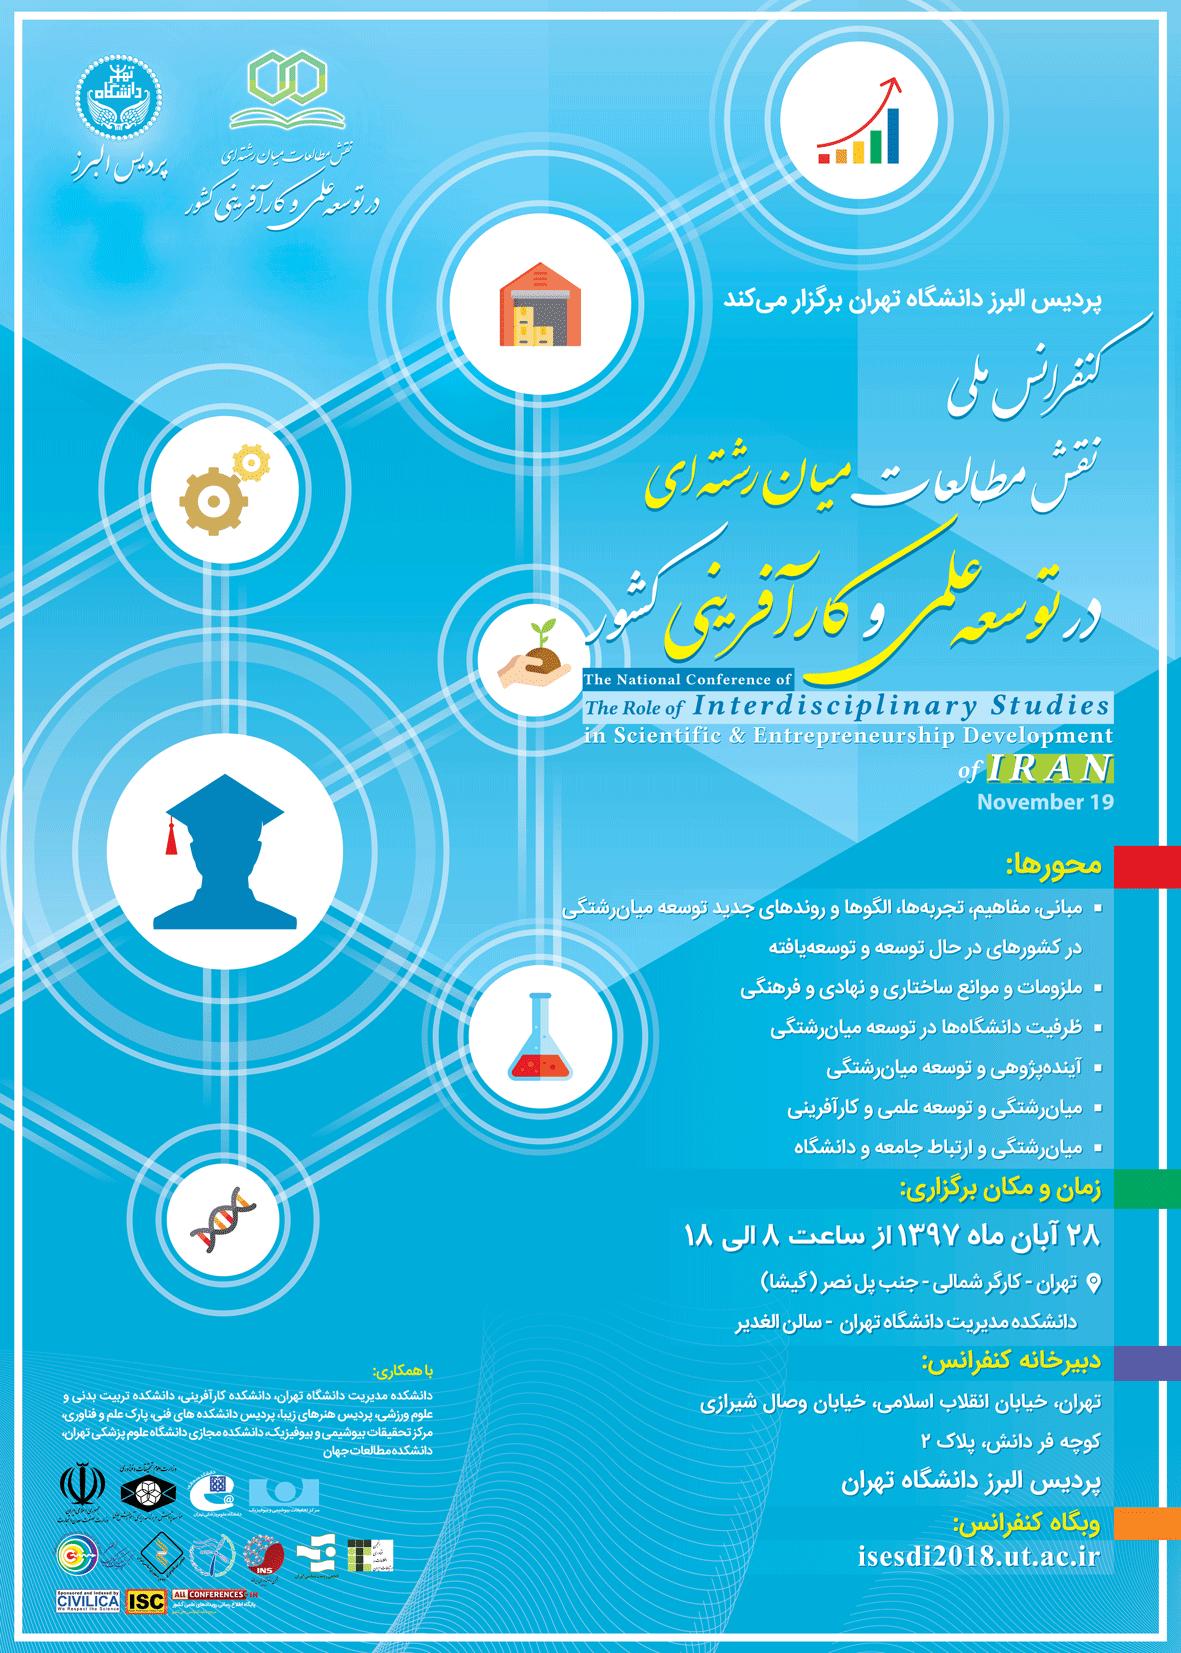 پوستر کنگره ملی نقش مطالعات میان رشتهای در توسعه کار آفرینی و علمی کشور